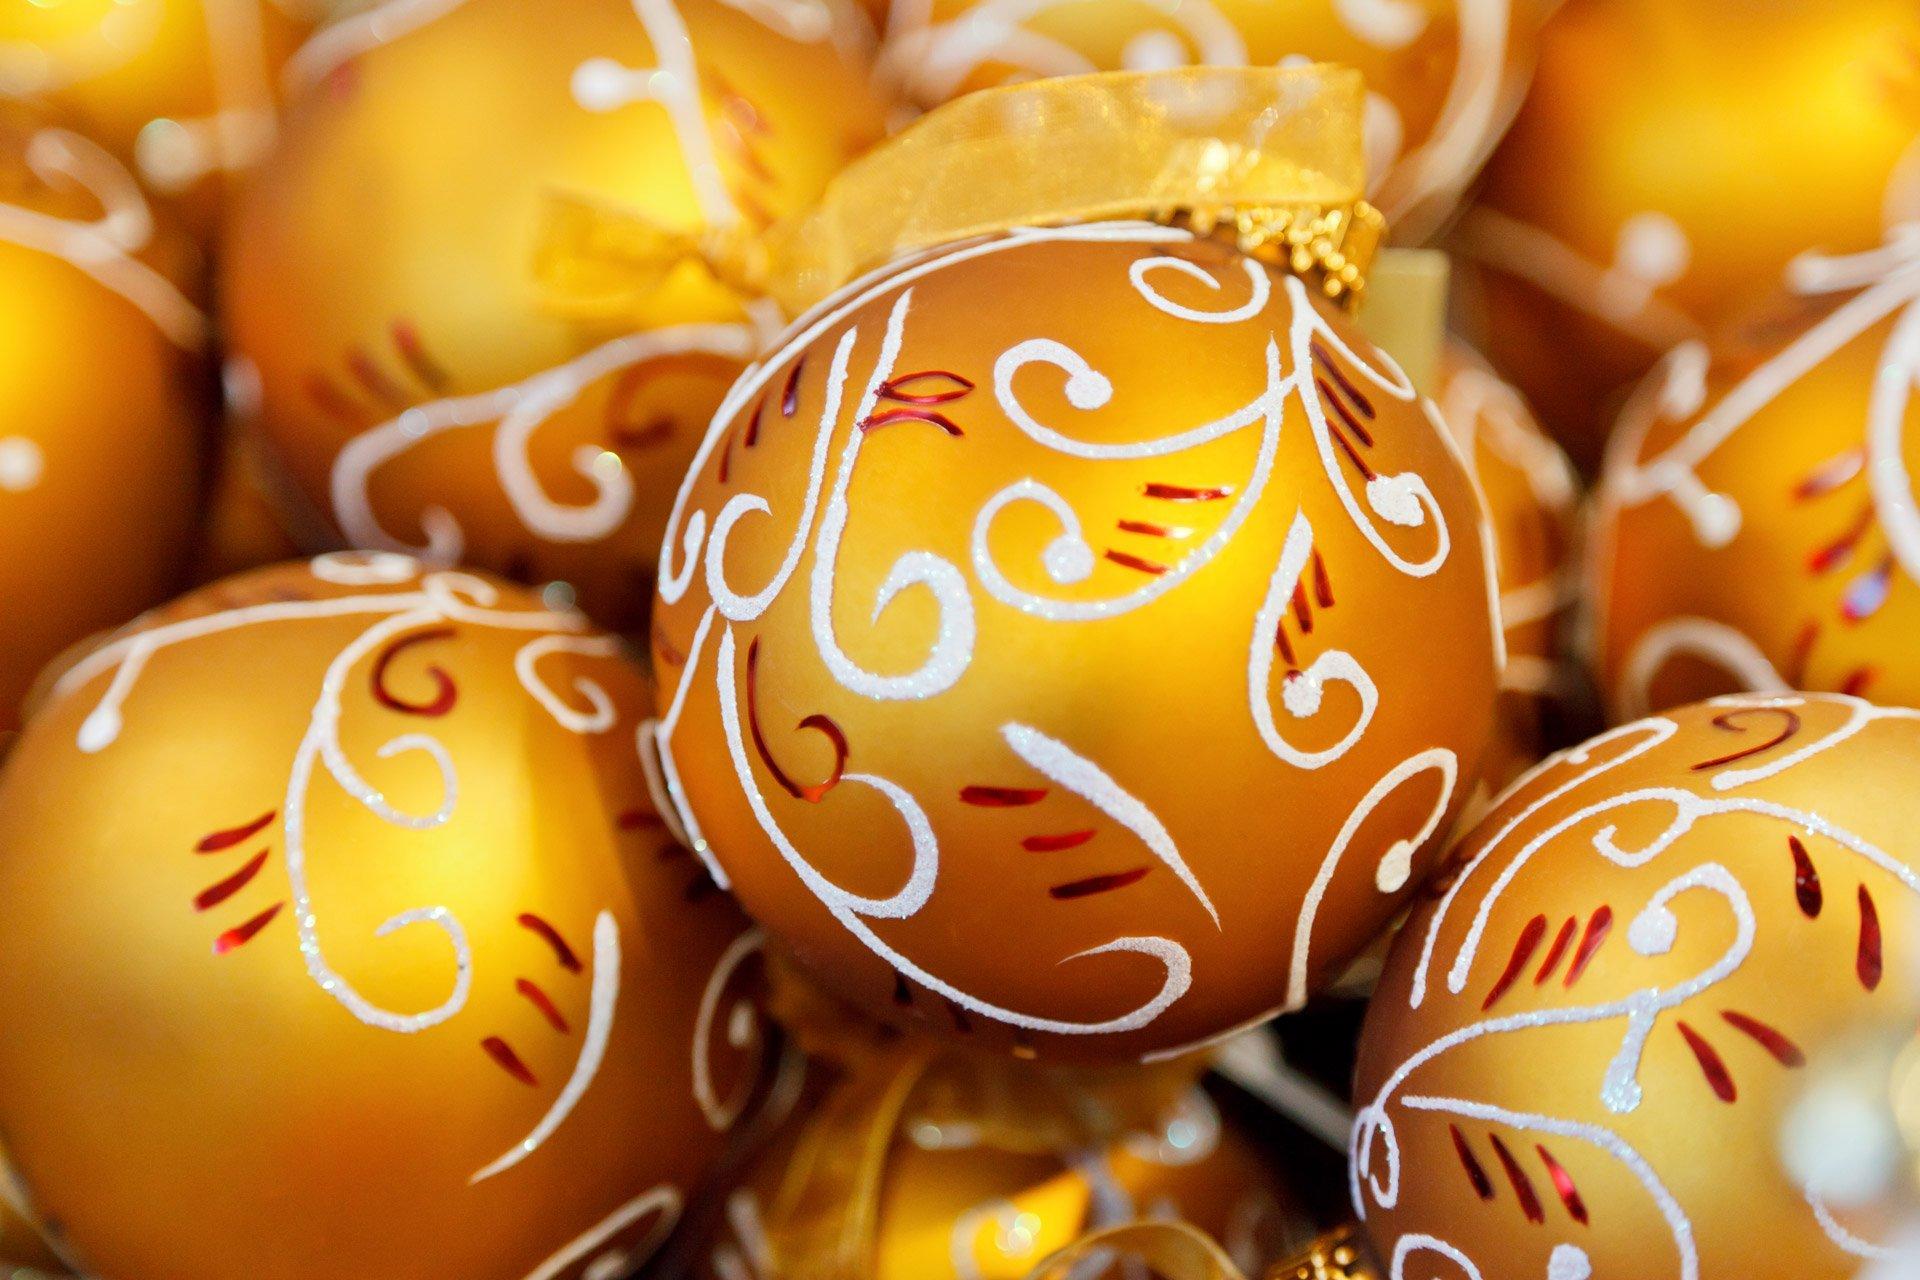 Kerst luxer dan vorig jaar – De Telegraaf